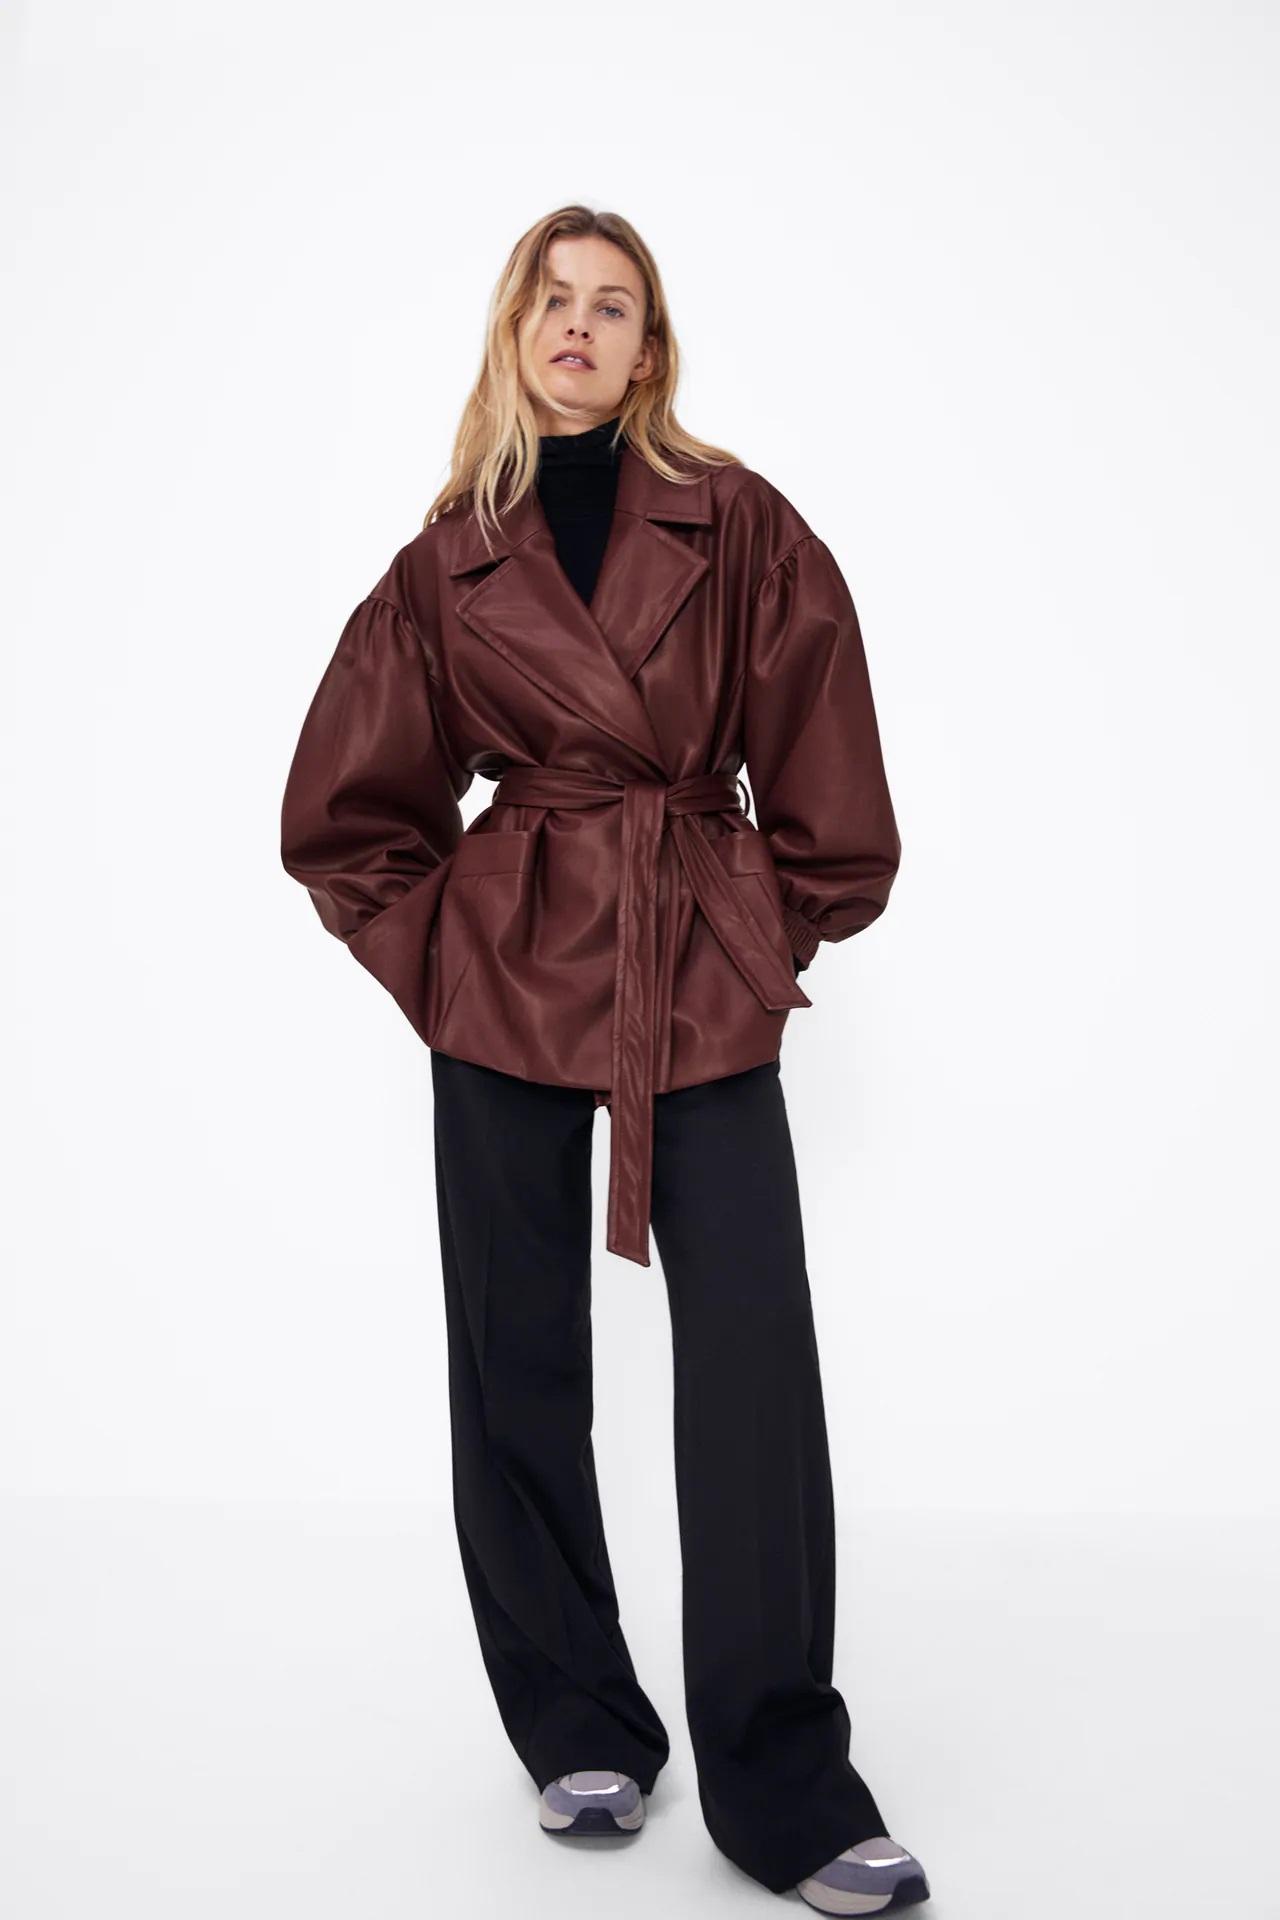 Zara: Busca por el armario o compra esta blazer ochentera de piel una de las prendas de la temporada